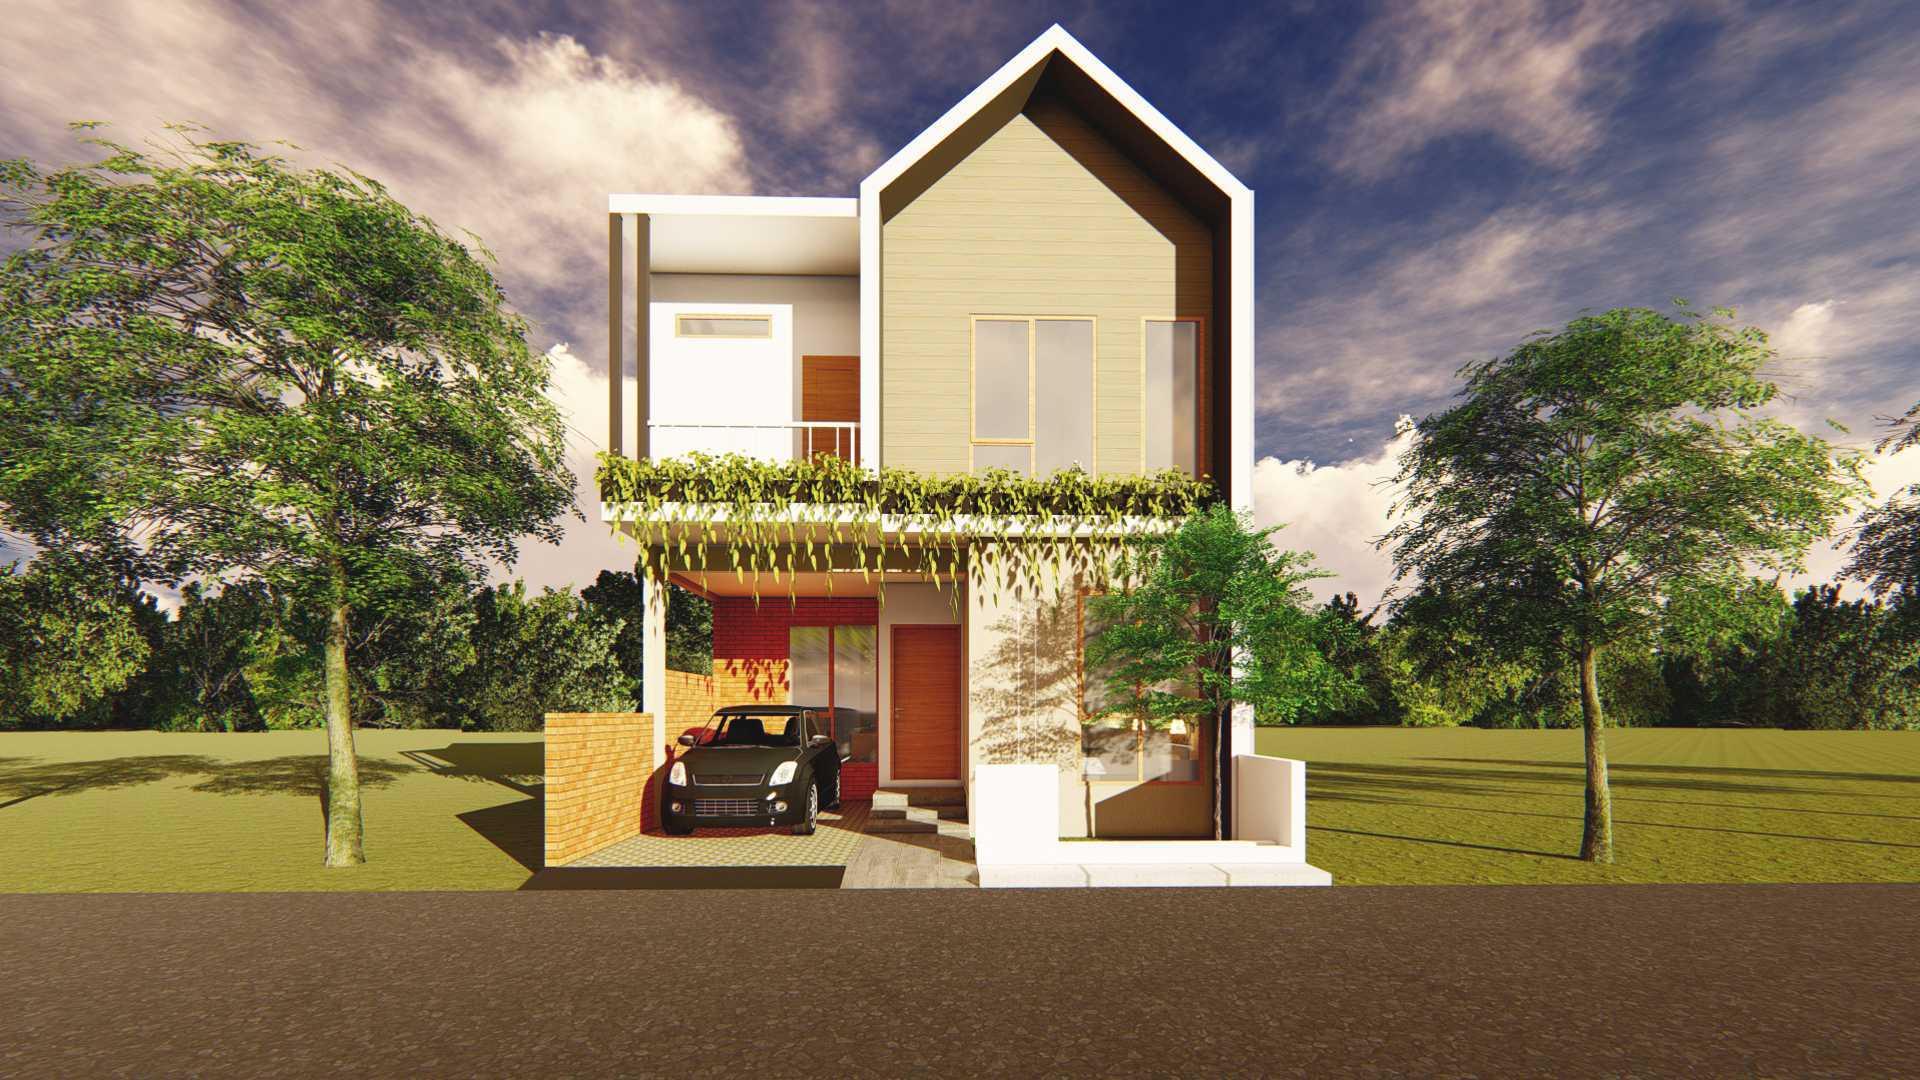 Astabumi Studio Sm House Pemalang Pemalang, Kec. Pemalang, Kabupaten Pemalang, Jawa Tengah, Indonesia Surabaya Cv-Astabumi-Manunggal-Prakarsa-Sm-House-Pemalang  119276